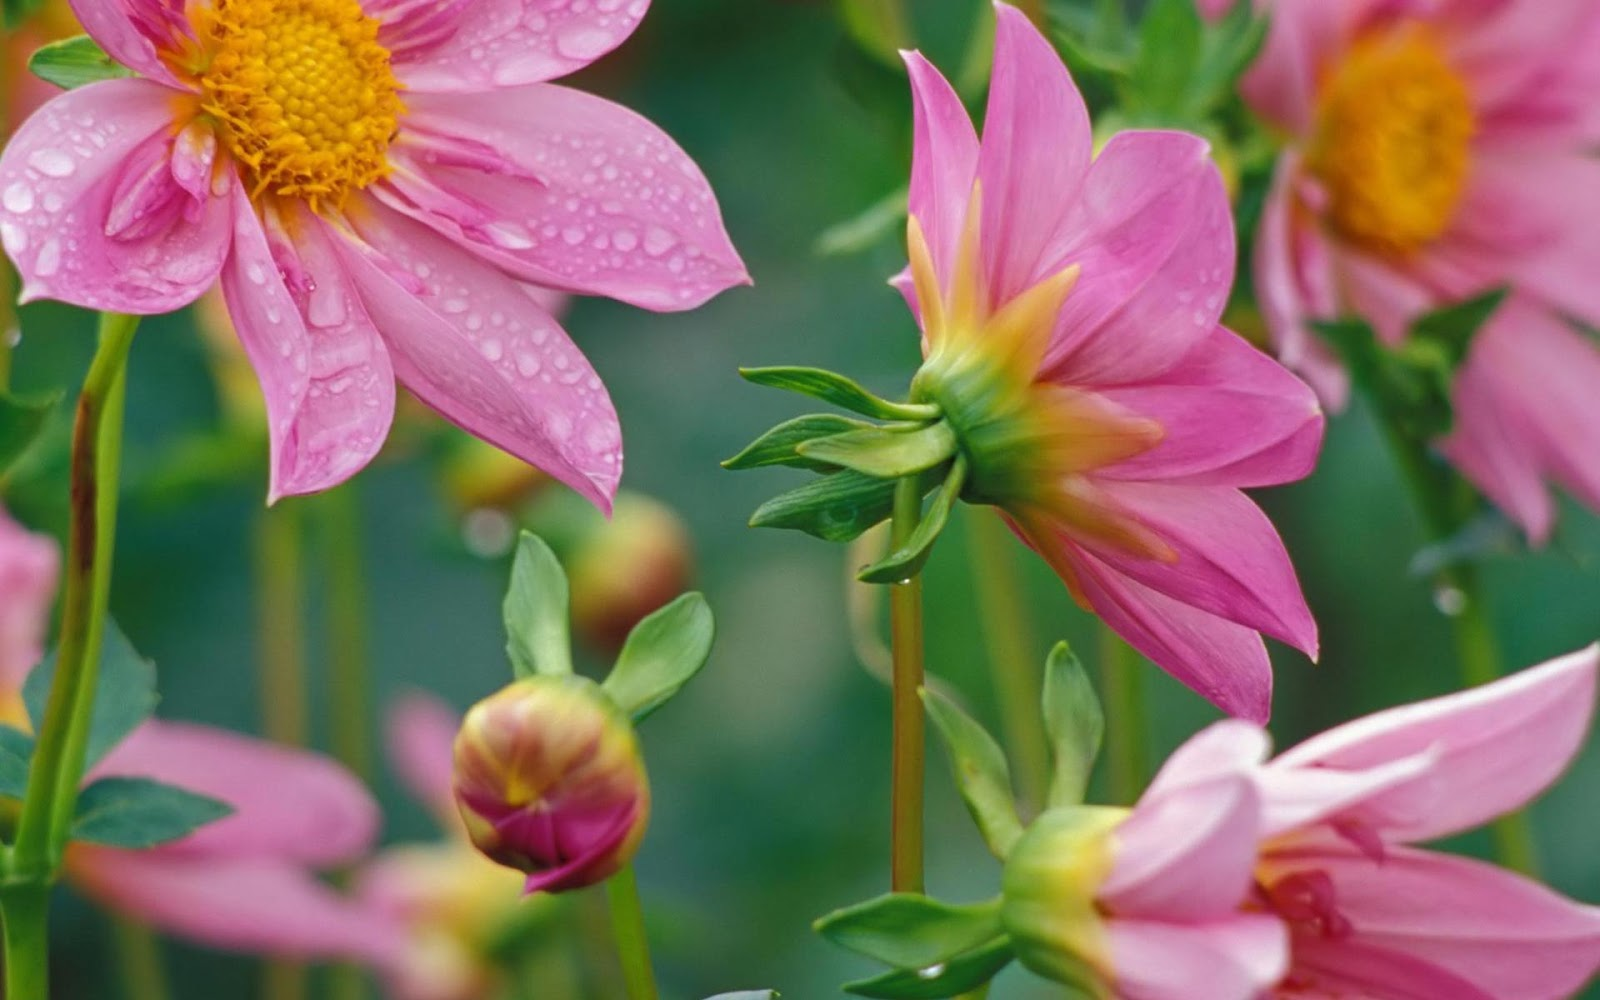 Flowers For Flower Lovers.: Desktop Beautiful Flowers HD